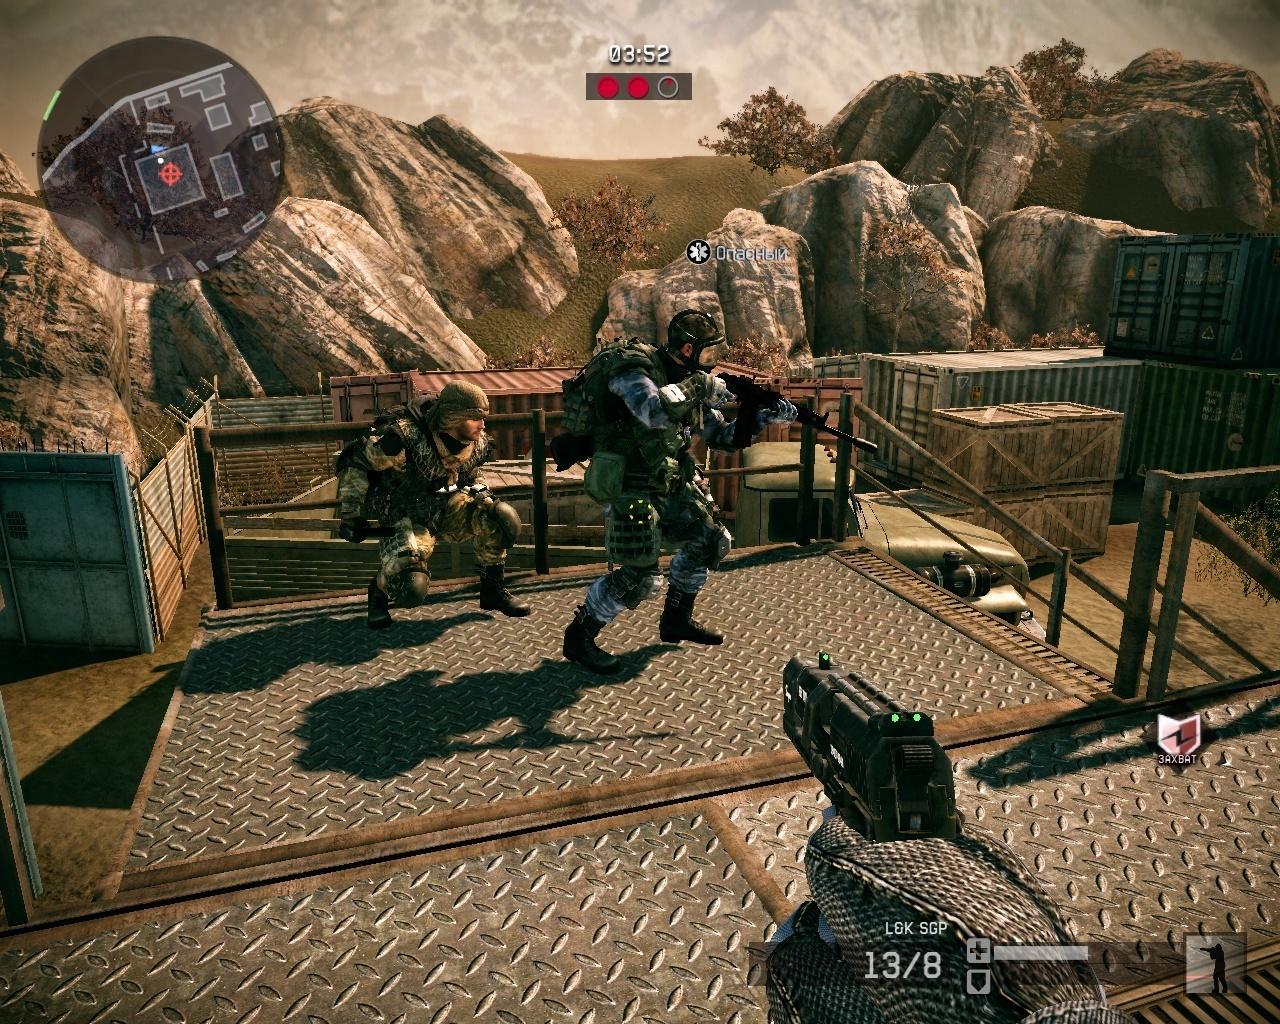 скачать бесплатно игру warface бесплатно на android бесплатно